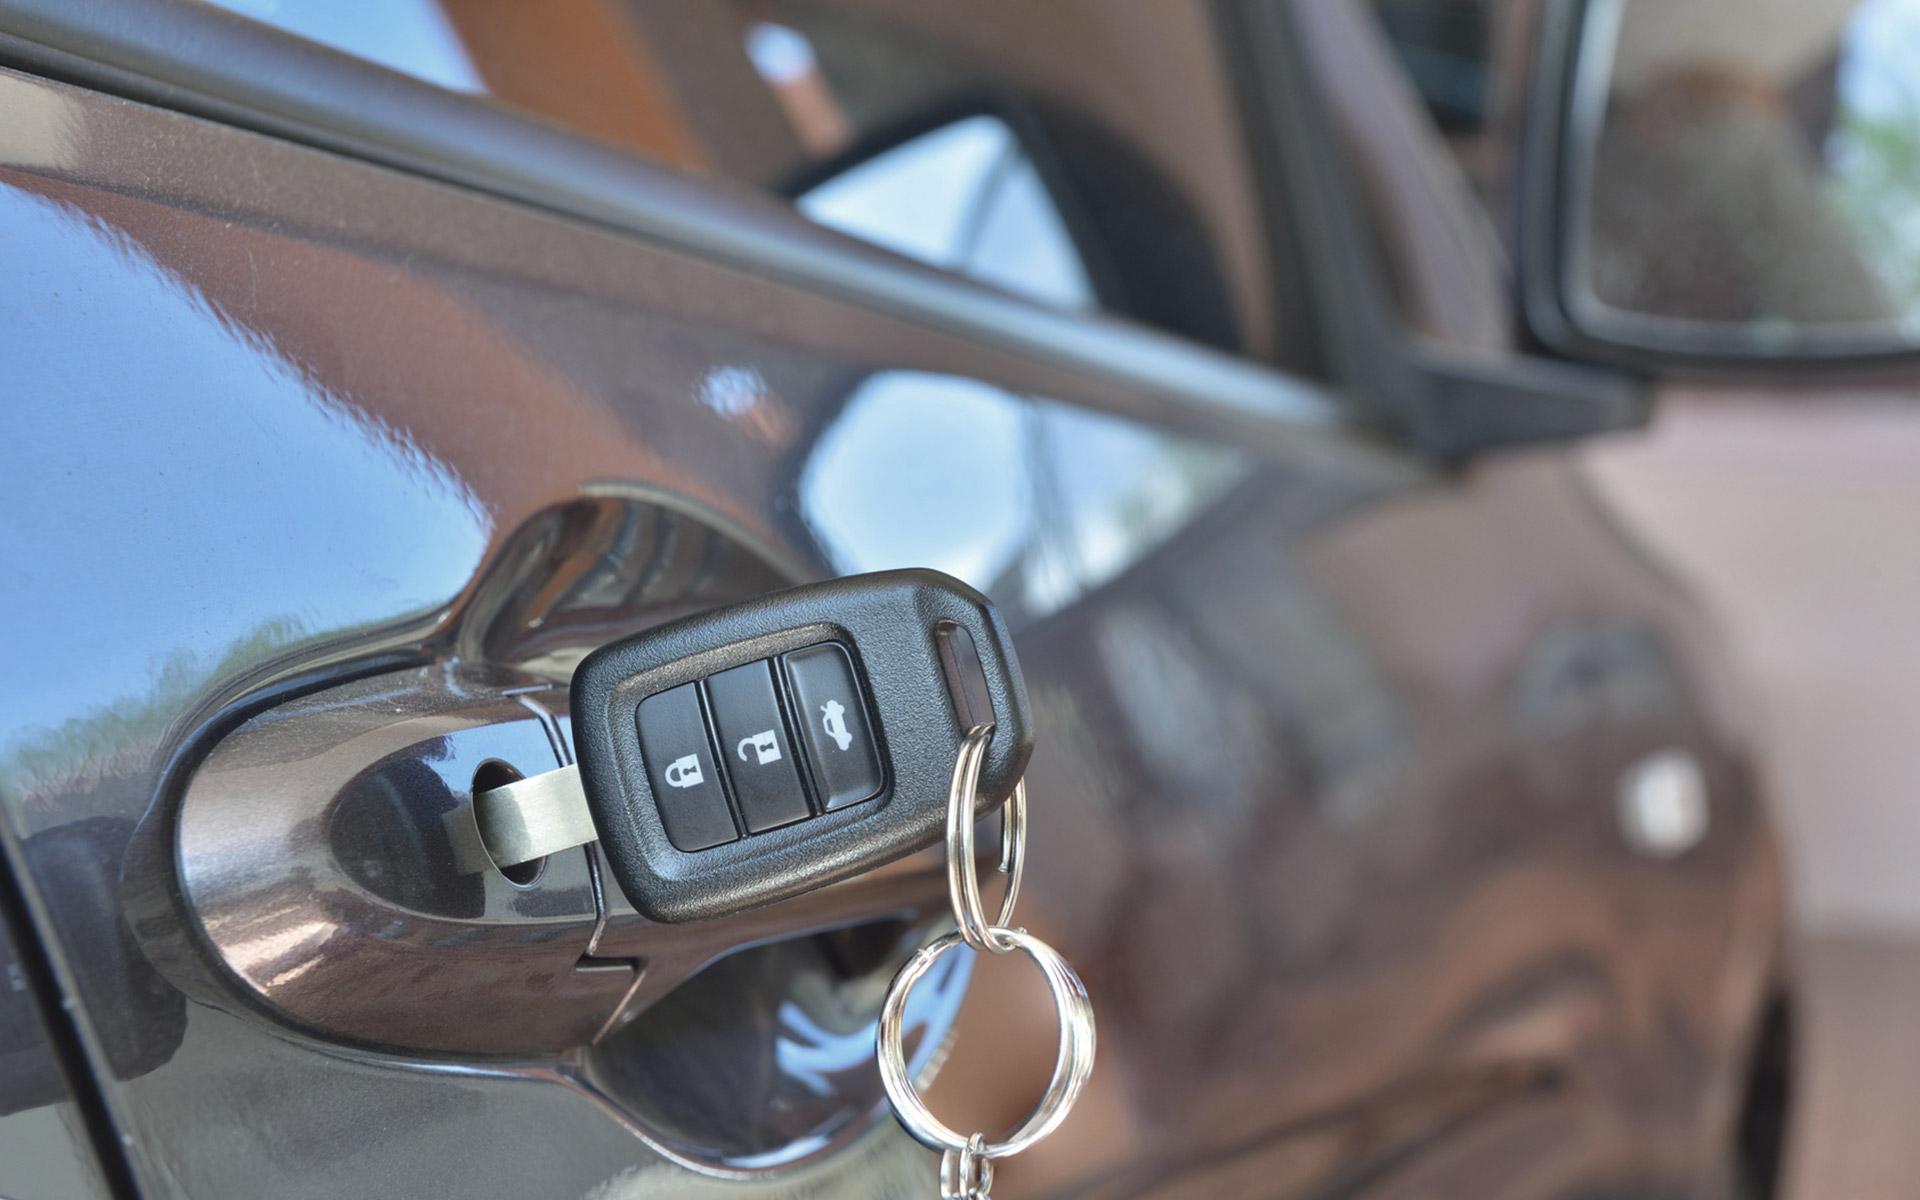 Automotive Key in car door